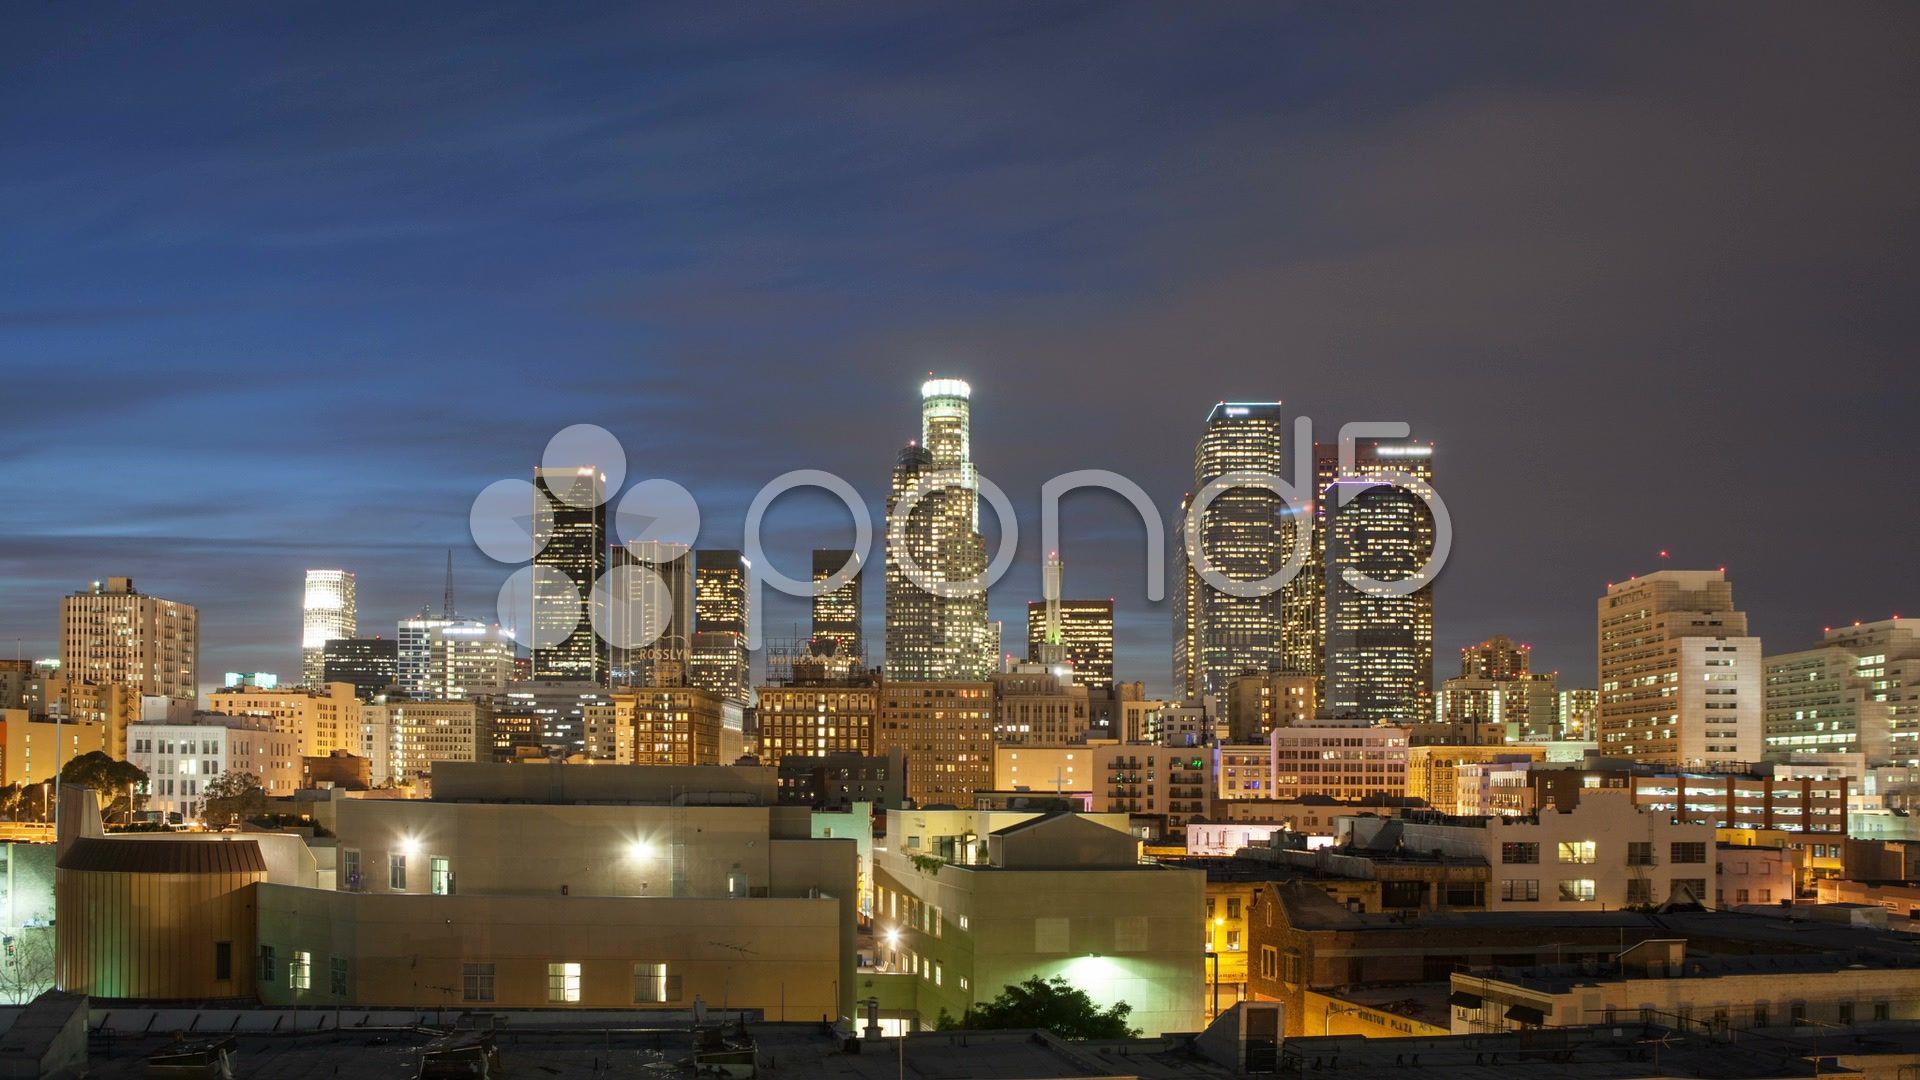 La Skyline Timelapse Stock Footage Skyline La Timelapse Footage Skyline La Skyline Los Angeles Skyline